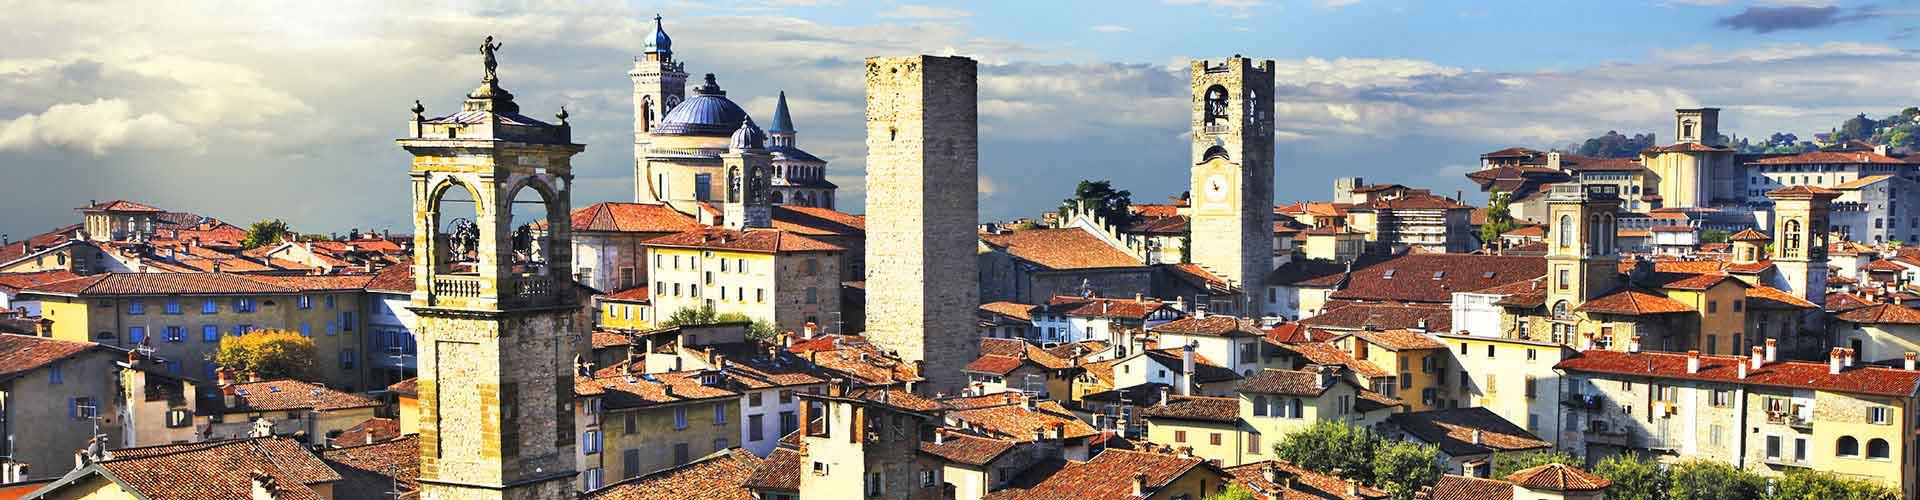 Bergamo - Hostales en Bergamo. Mapas de Bergamo, Fotos y comentarios de cada Hostal en Bergamo.